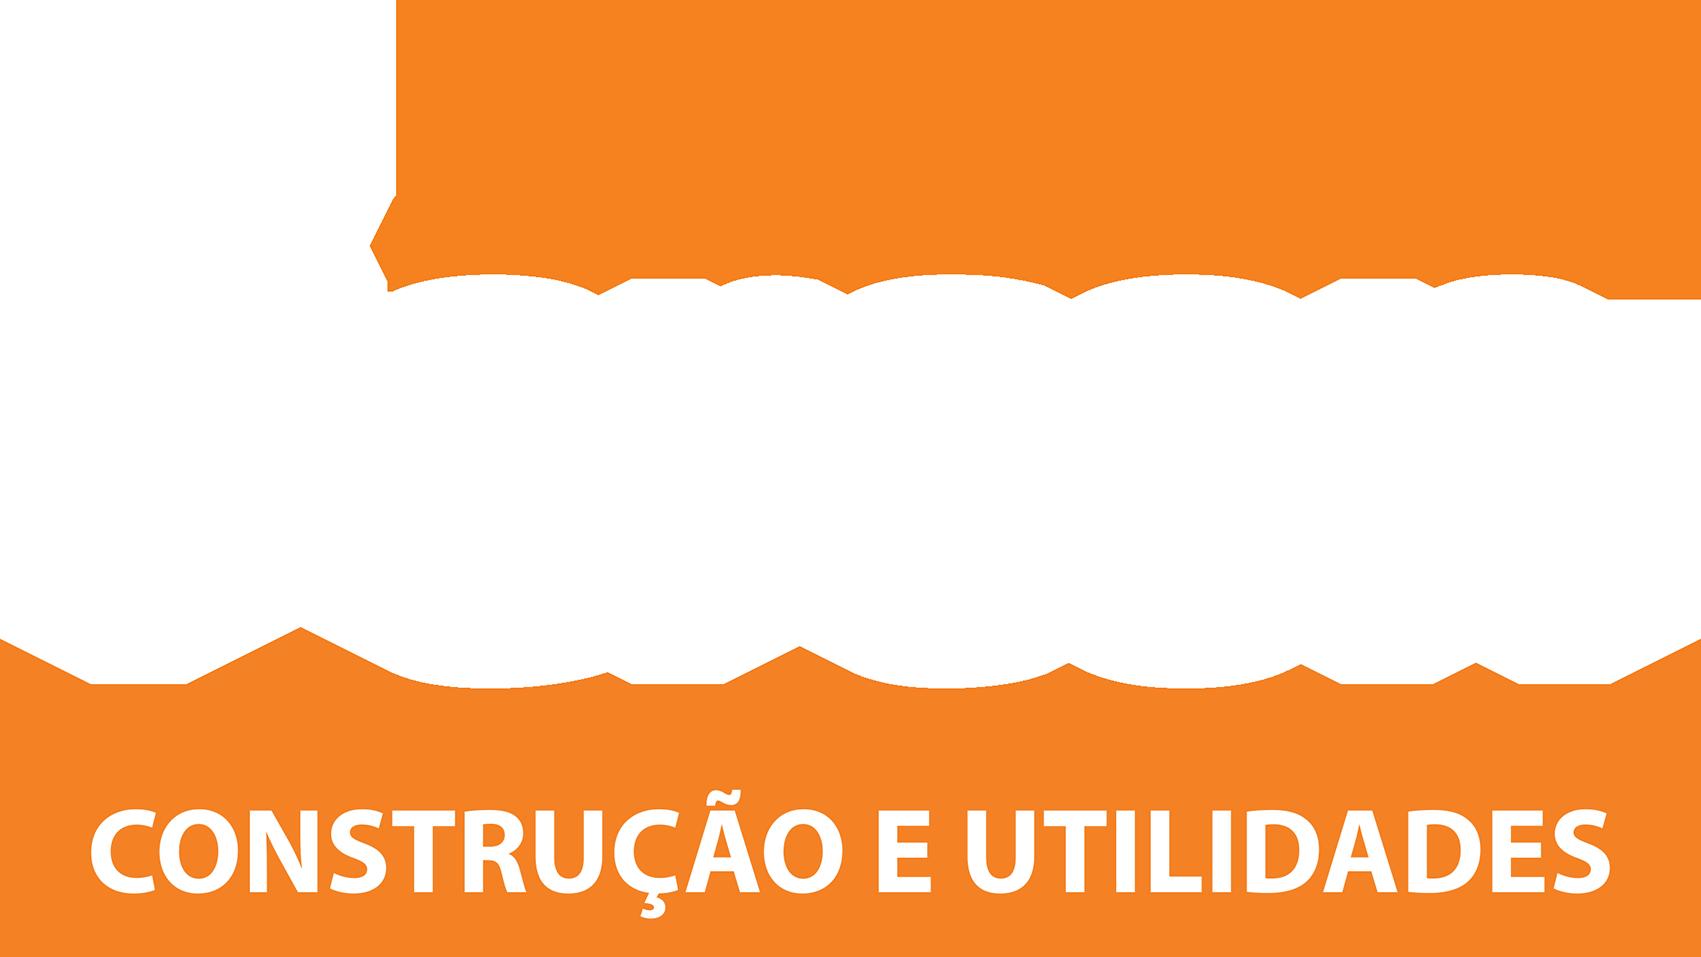 Fercon Construção e Utilidades